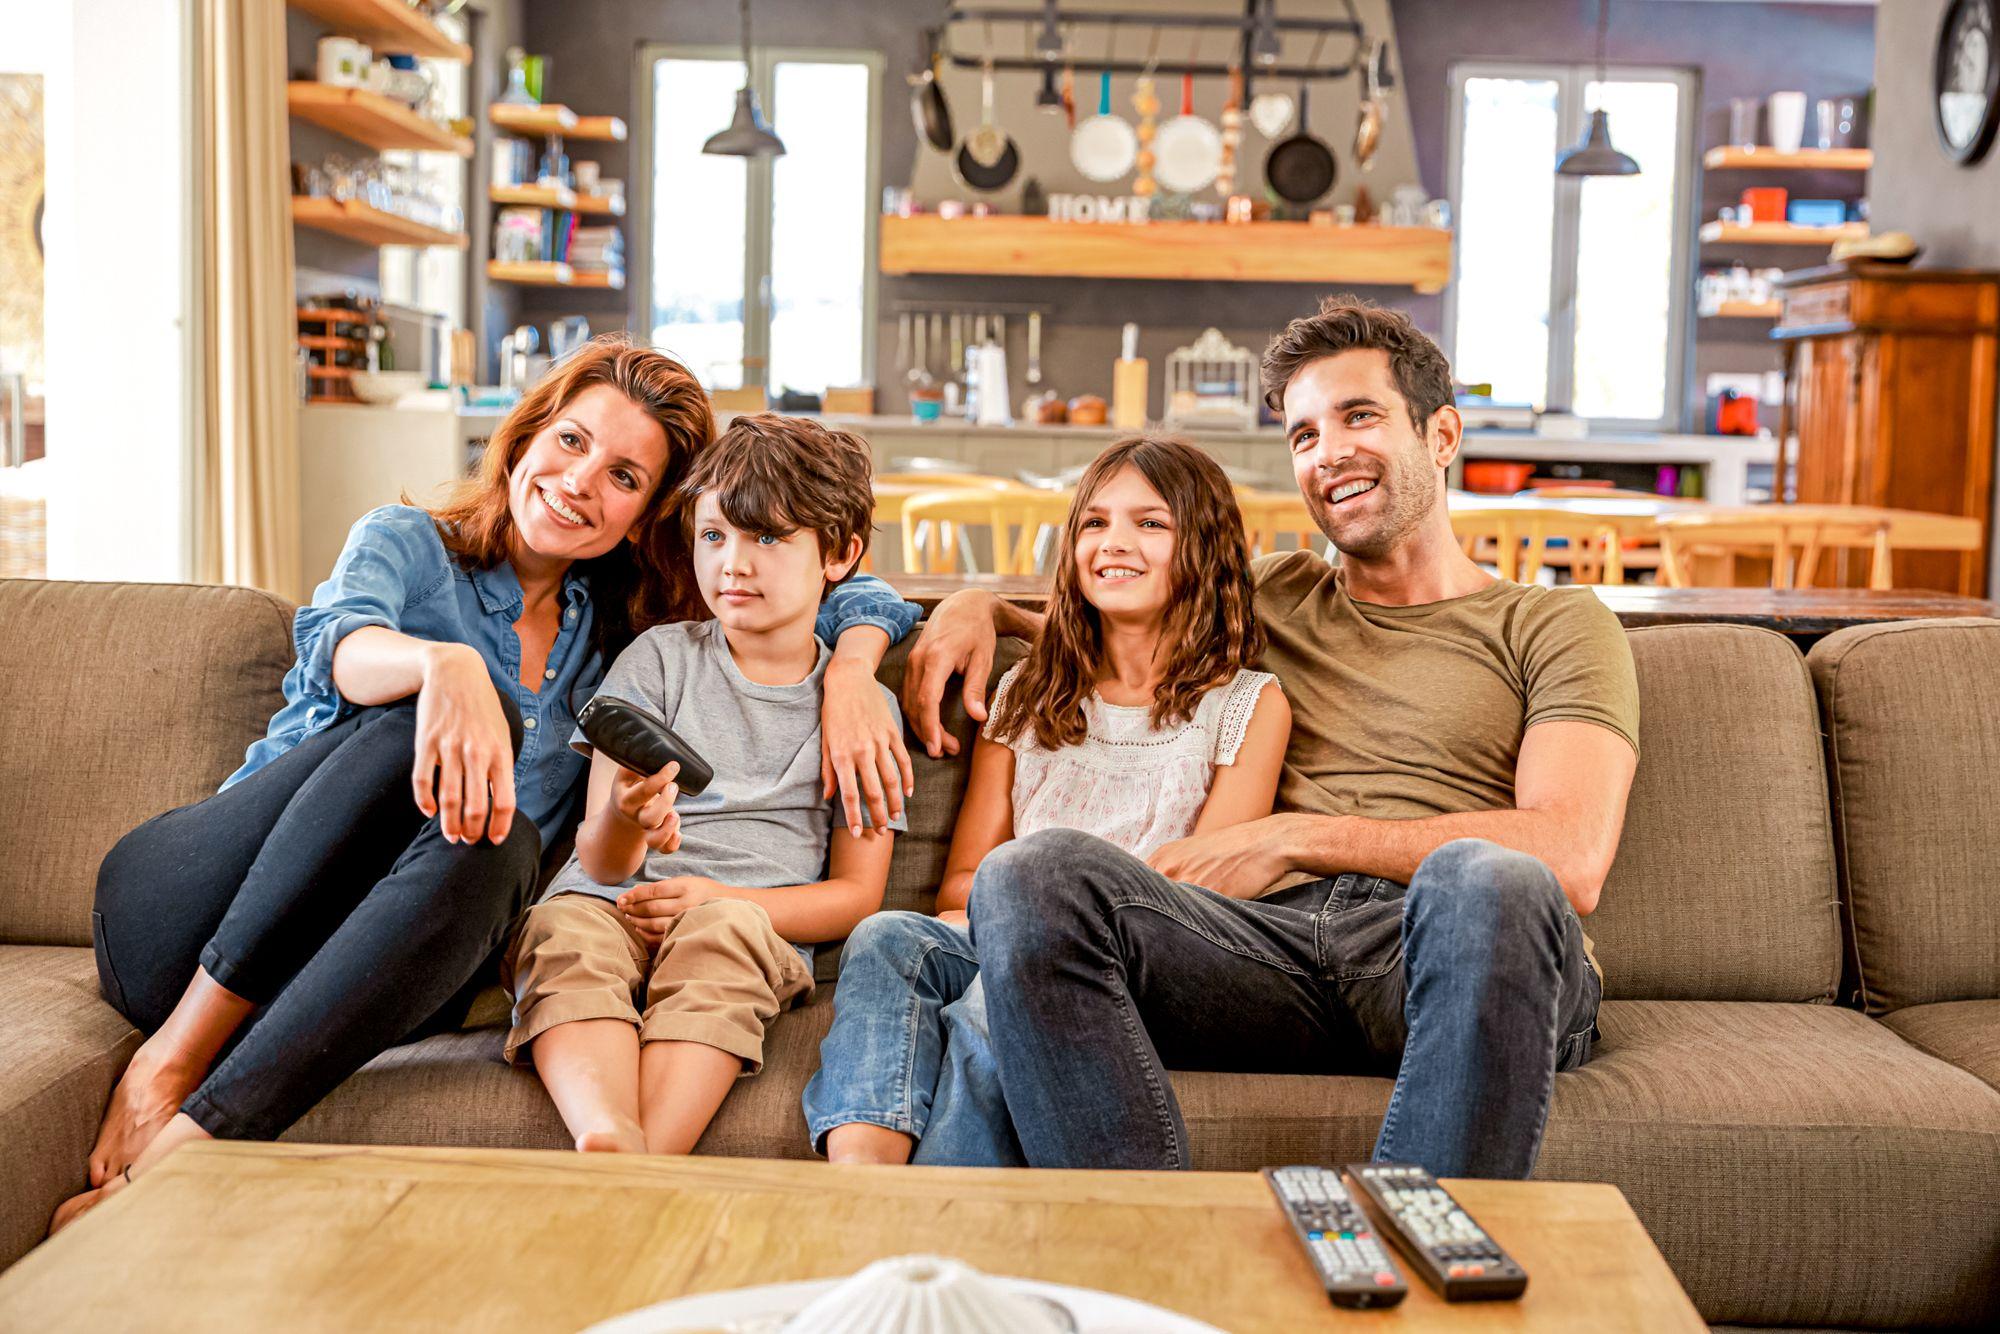 Educational Indoor Activities Family Watching TV